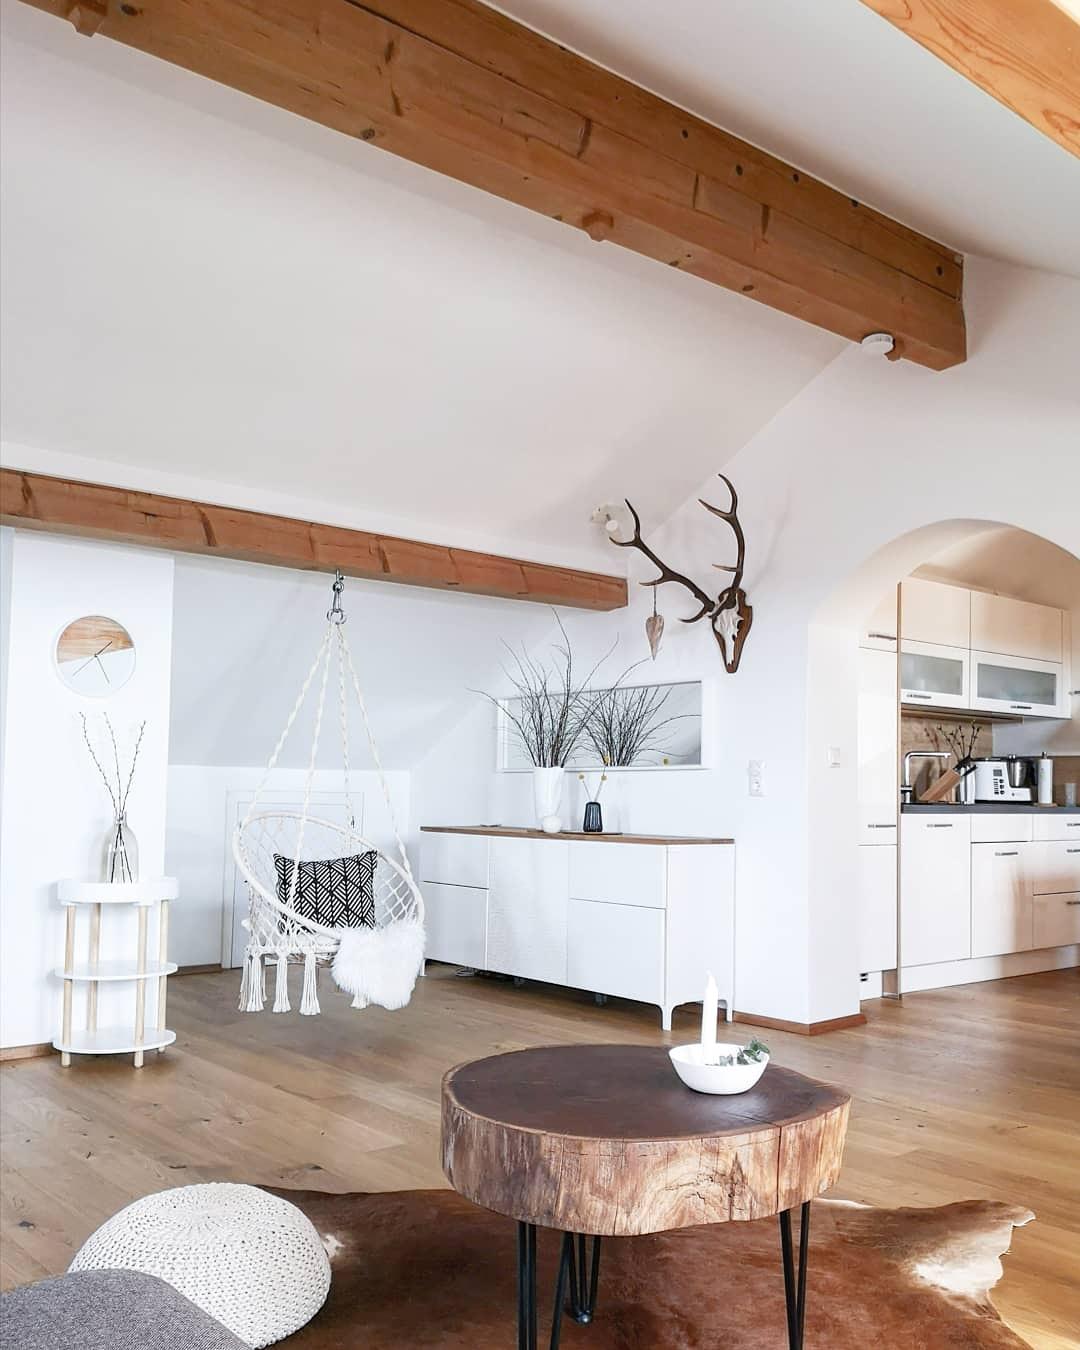 Evi baut auf einen skandinavischen Landhausstil.